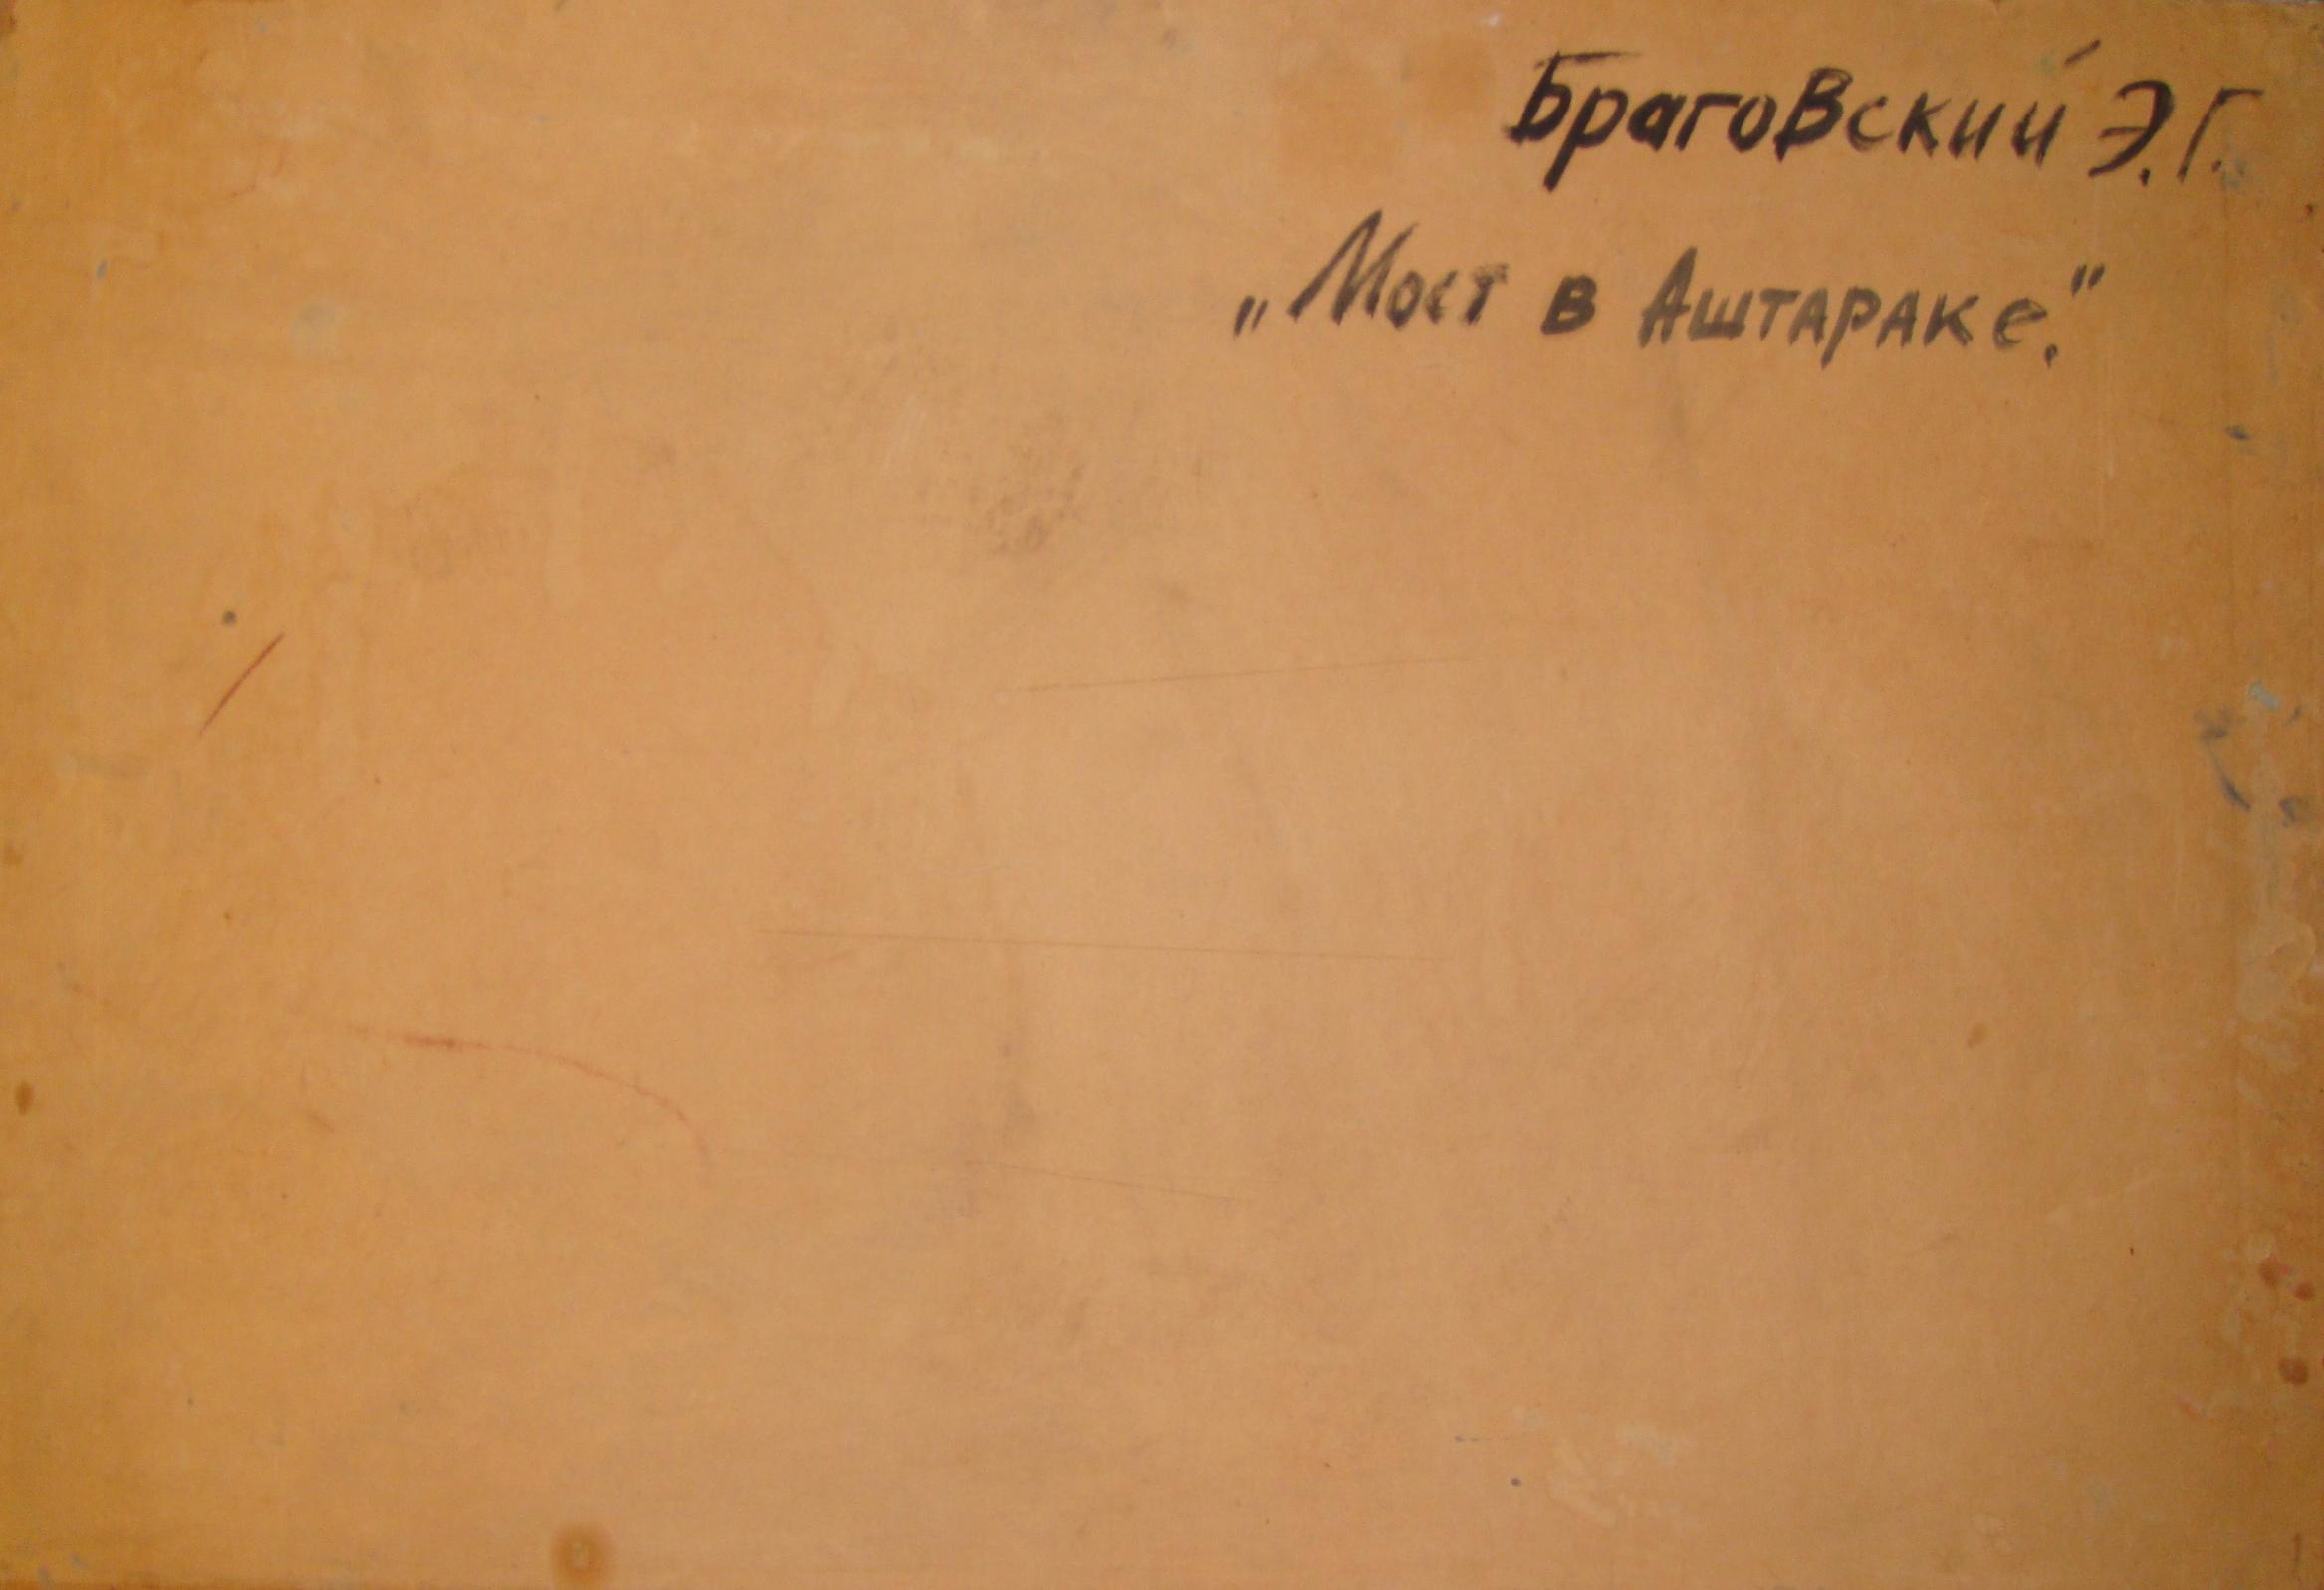 Оборот. Браговский Эдуард Георгиевич. Мост в Аштараке.